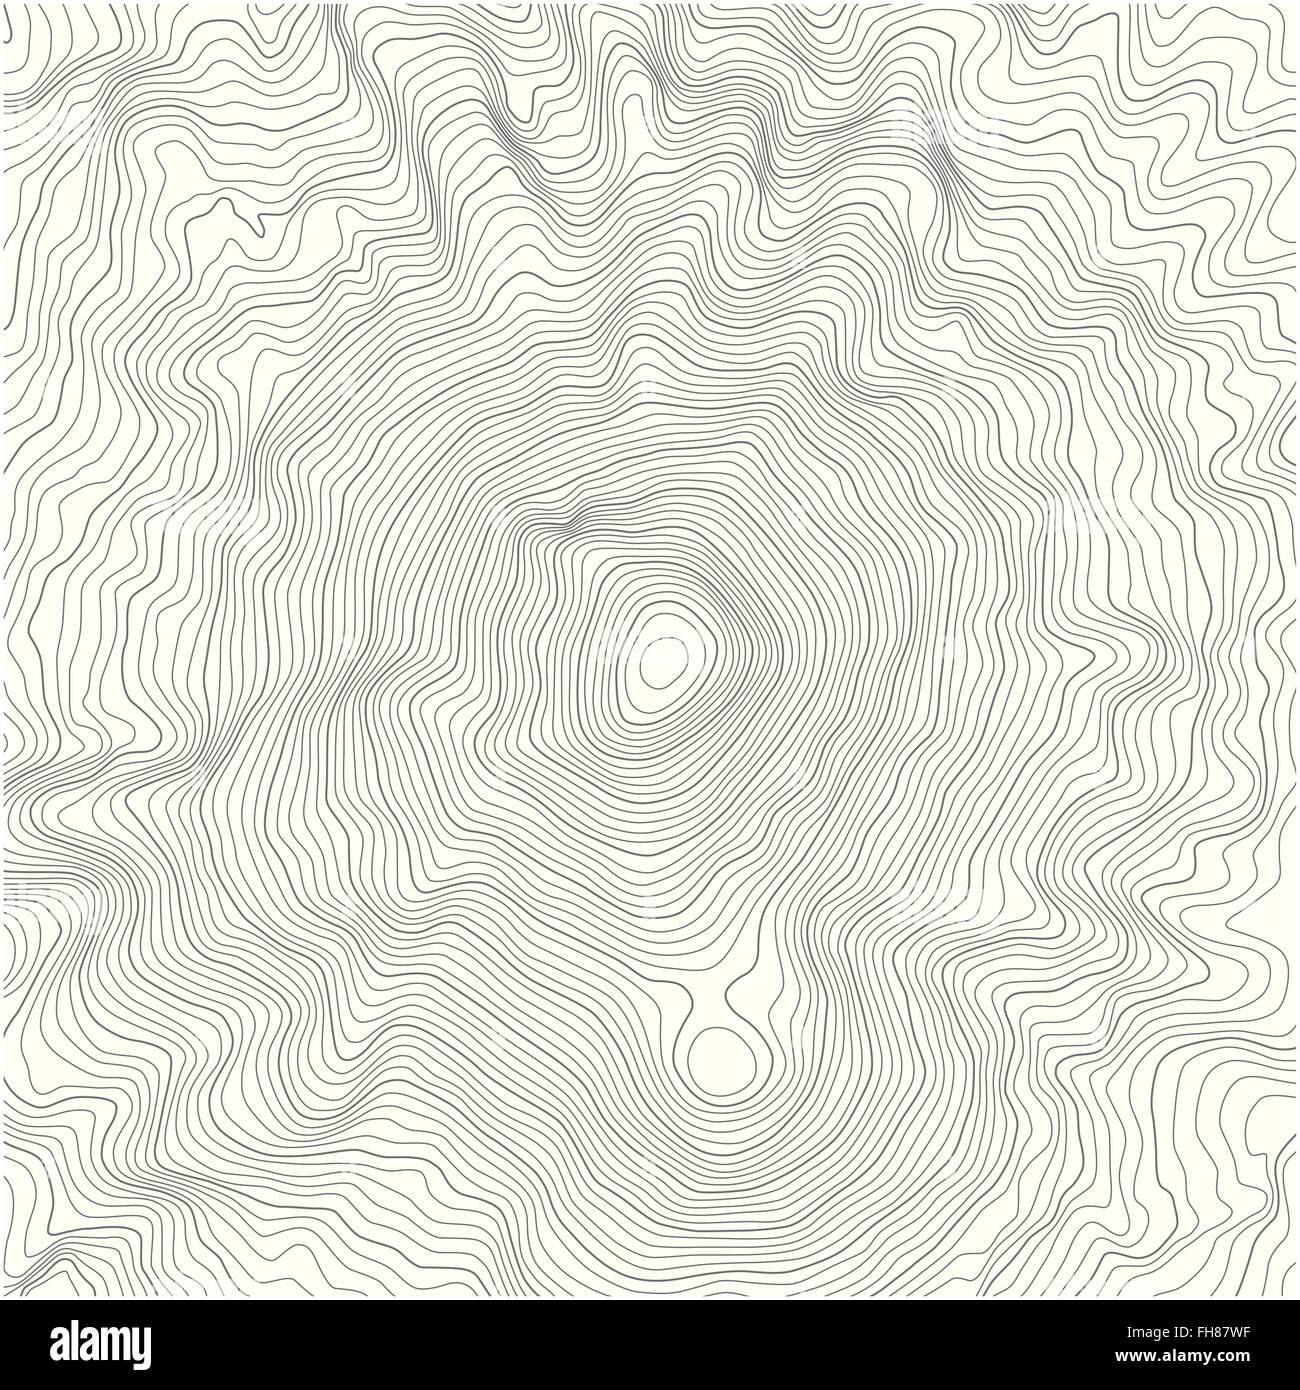 Detaillierte Topografische Karte Mit Hohenlinien Eines Berges